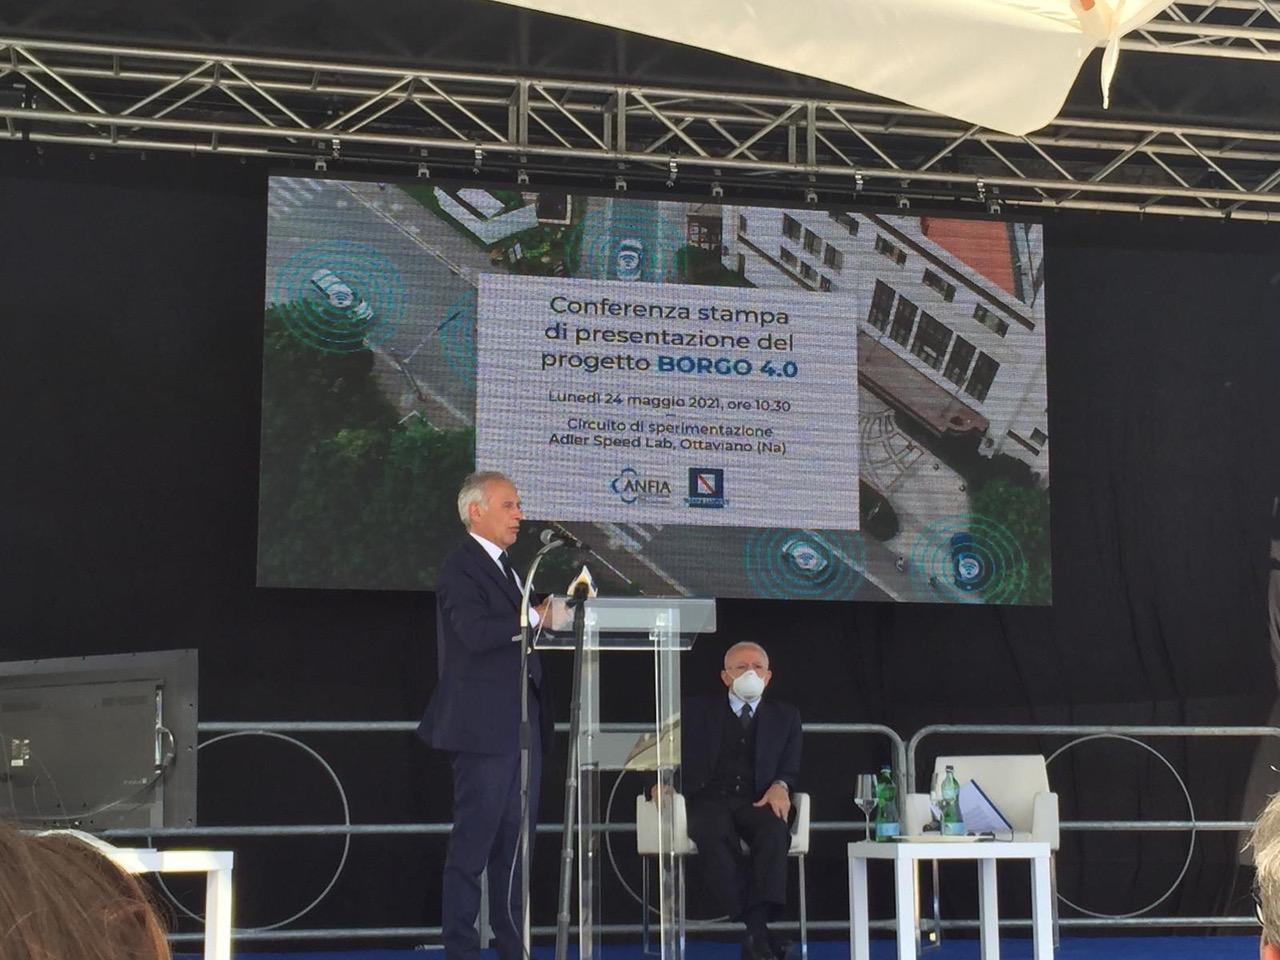 Smart Mobility: parte in Campania il progetto Borgo 4.0 per la guida autonoma e connessa